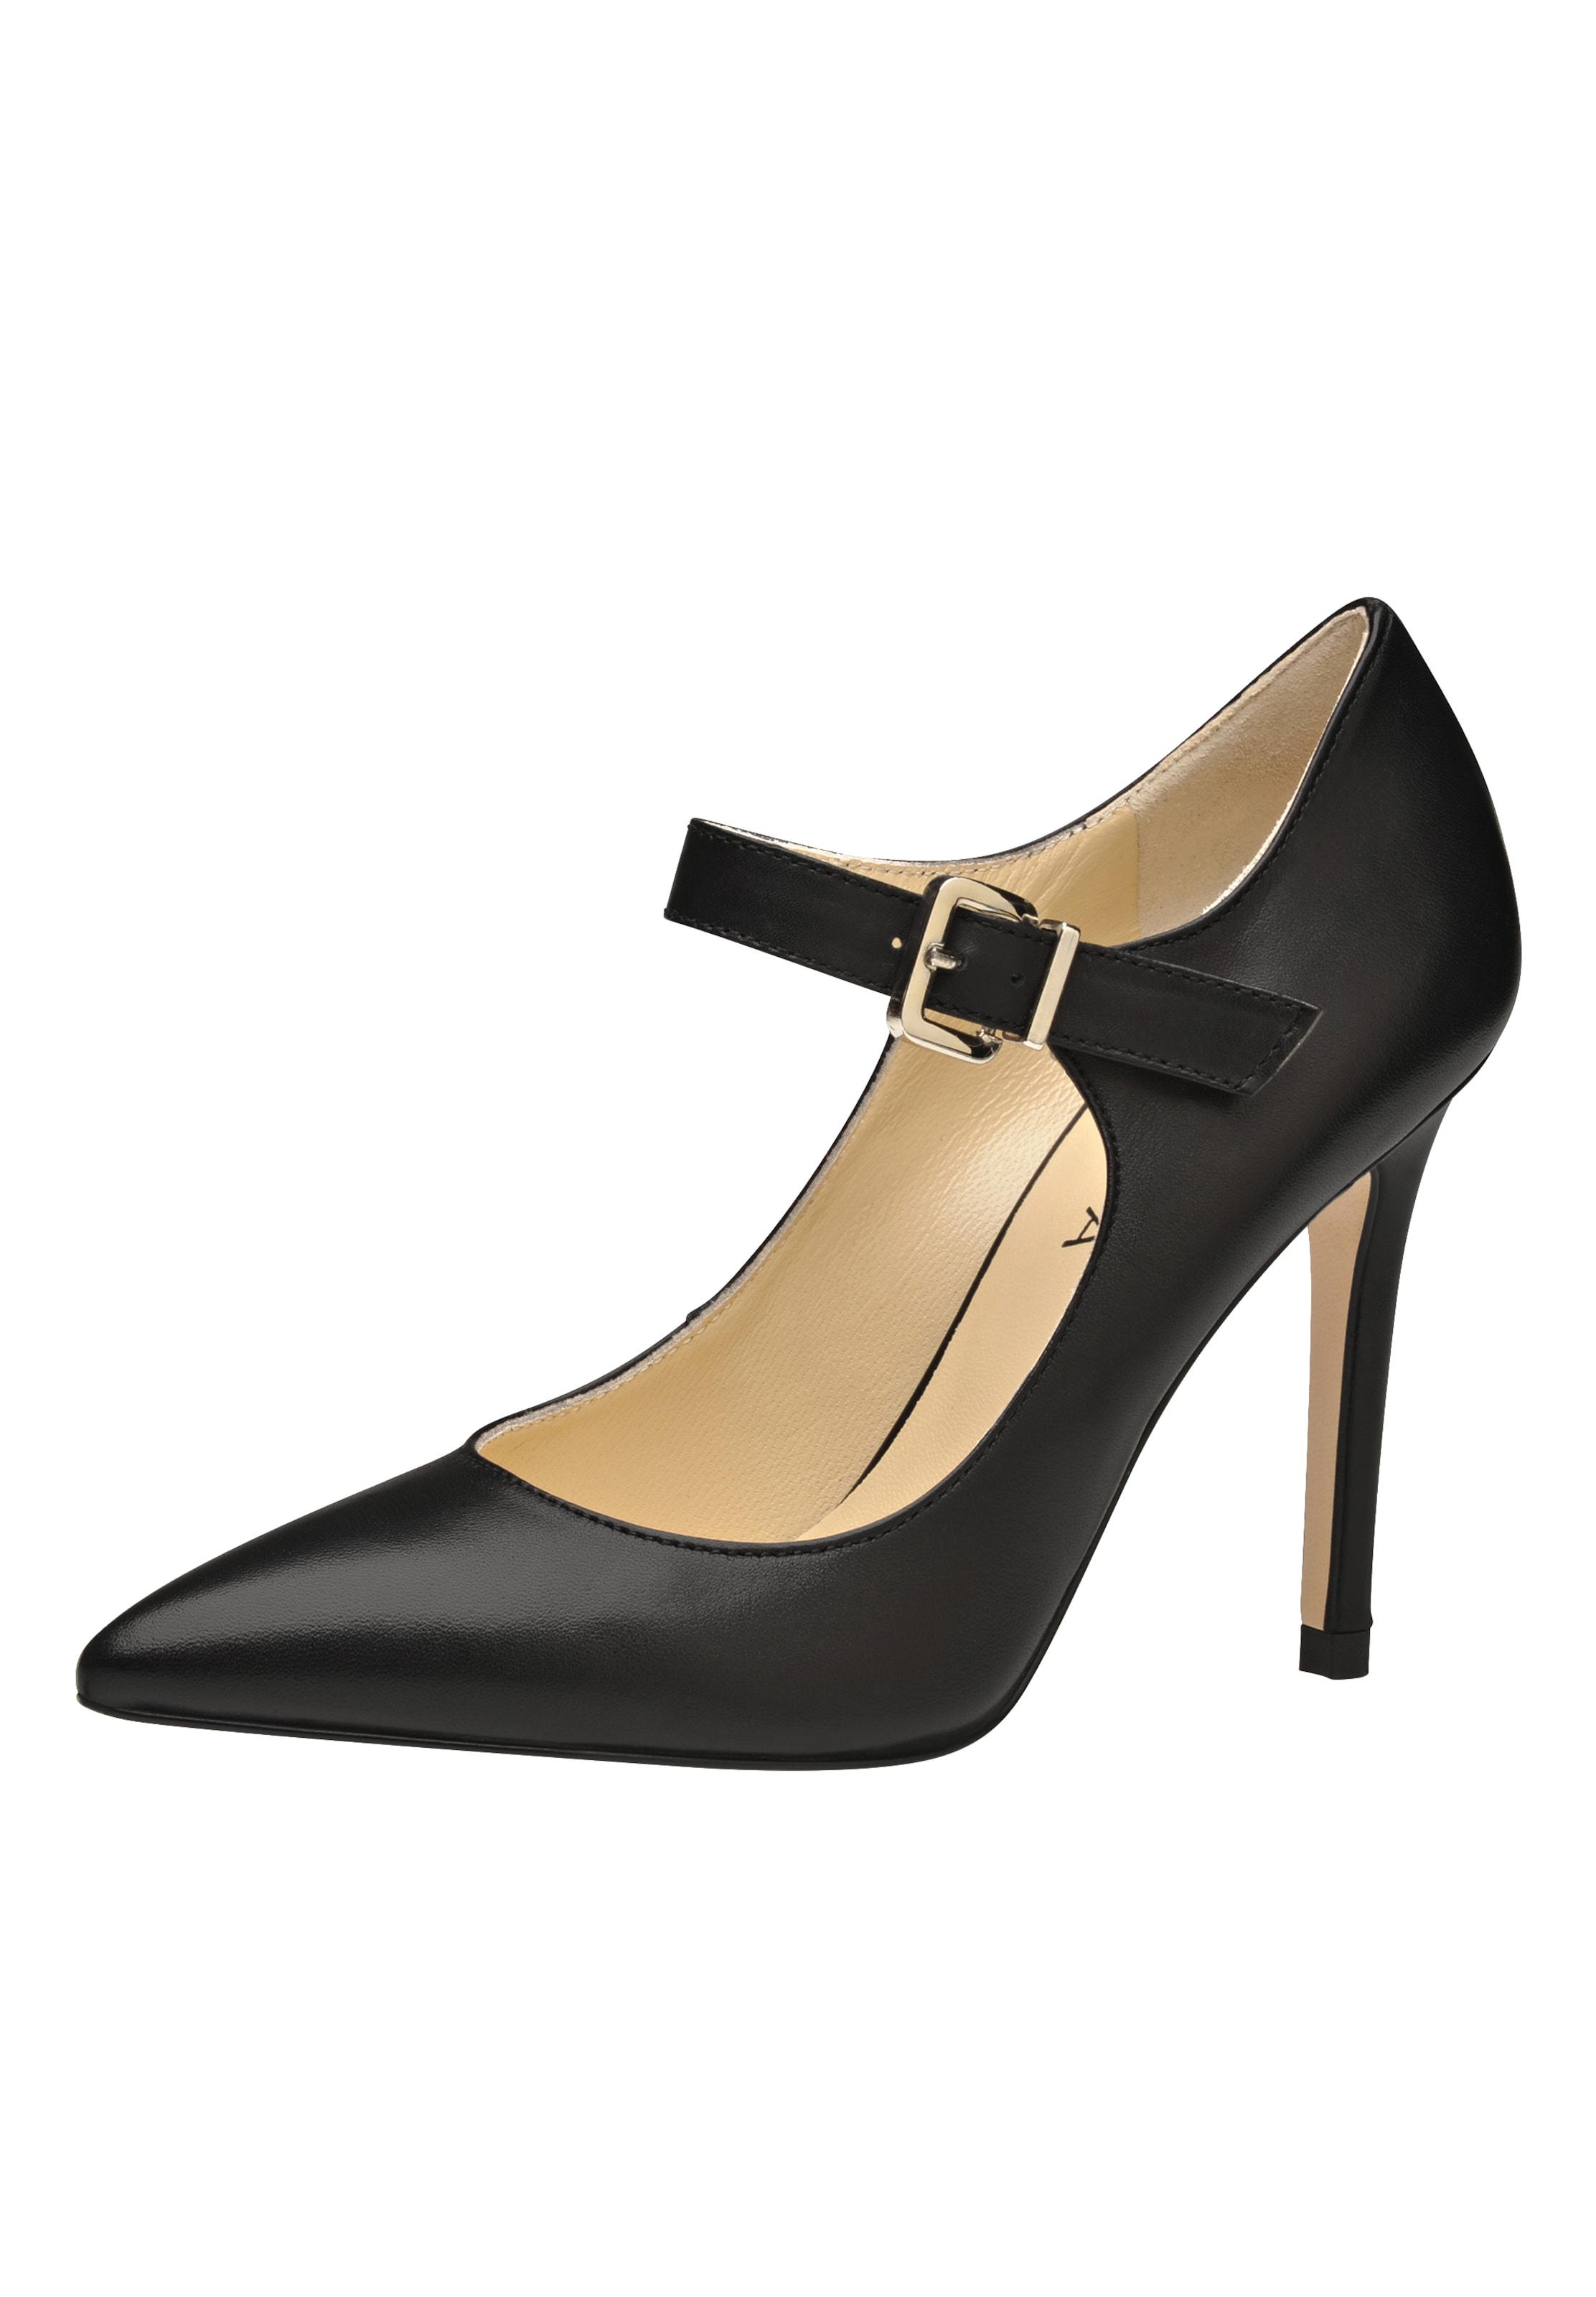 EVITA Verschleißfeste Pumps Verschleißfeste EVITA billige Schuhe Hohe Qualität ecdf99